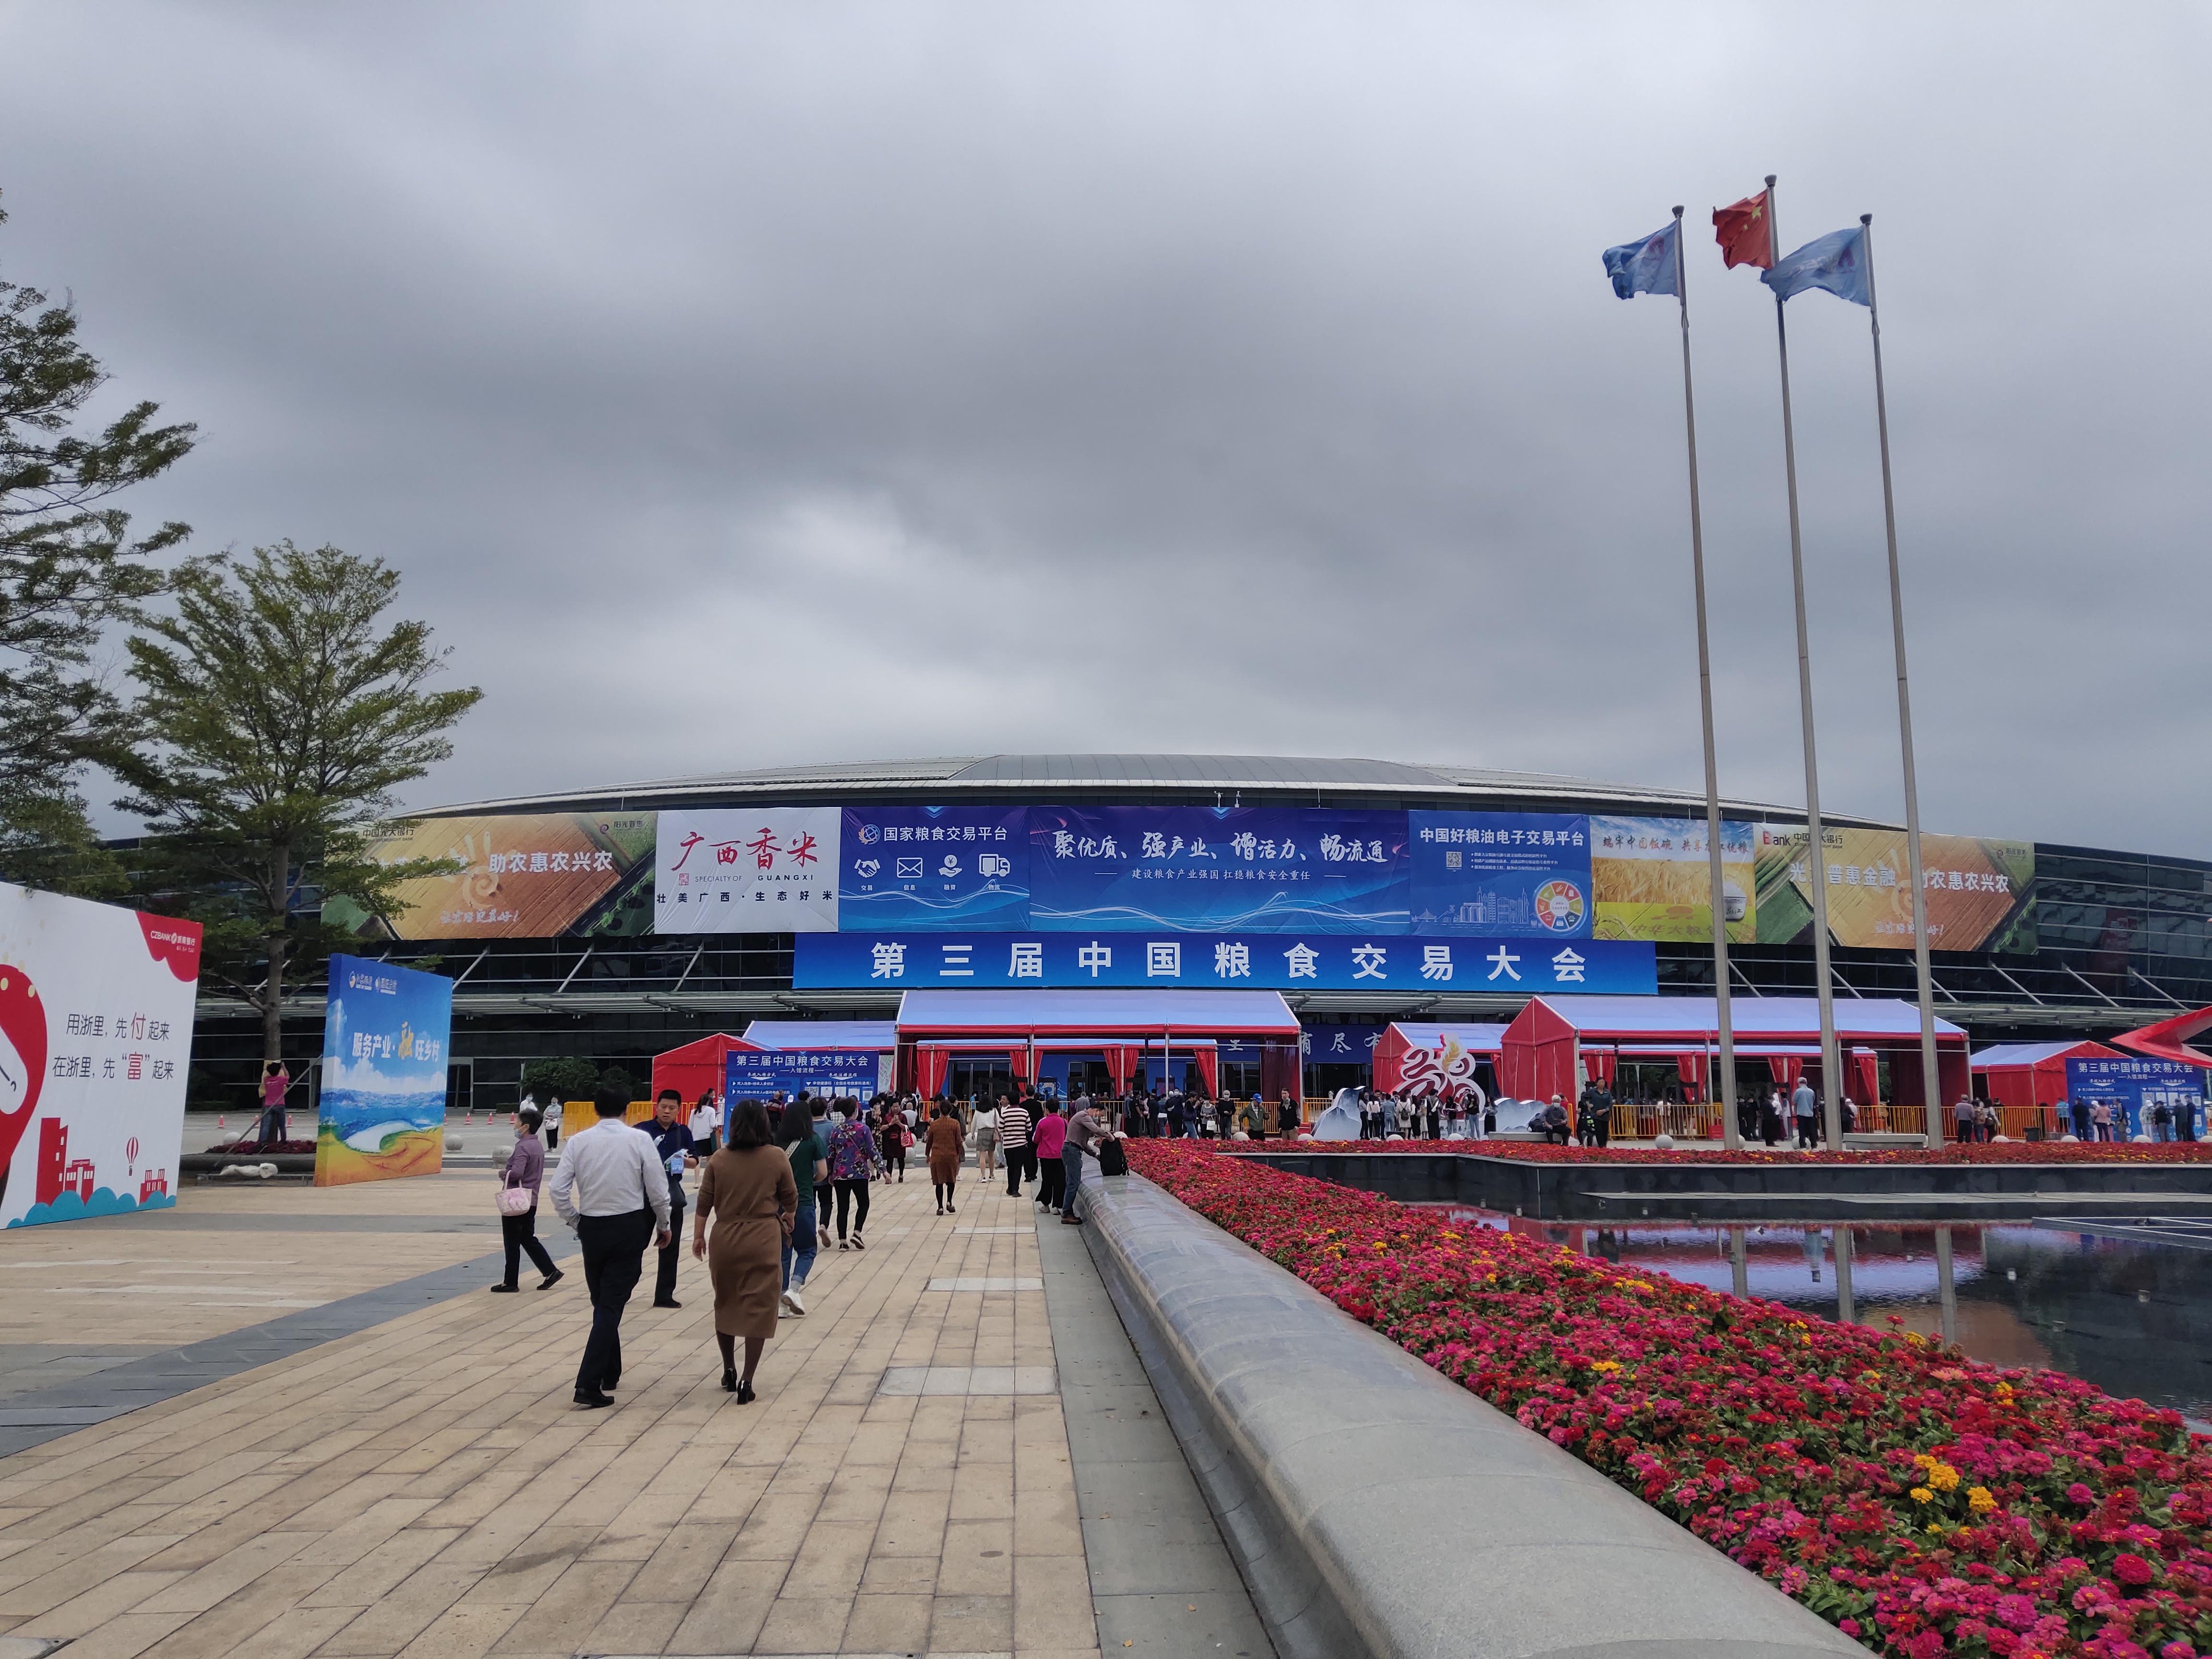 第三届中国粮食交易大会陕西陕富面业闪亮榕城